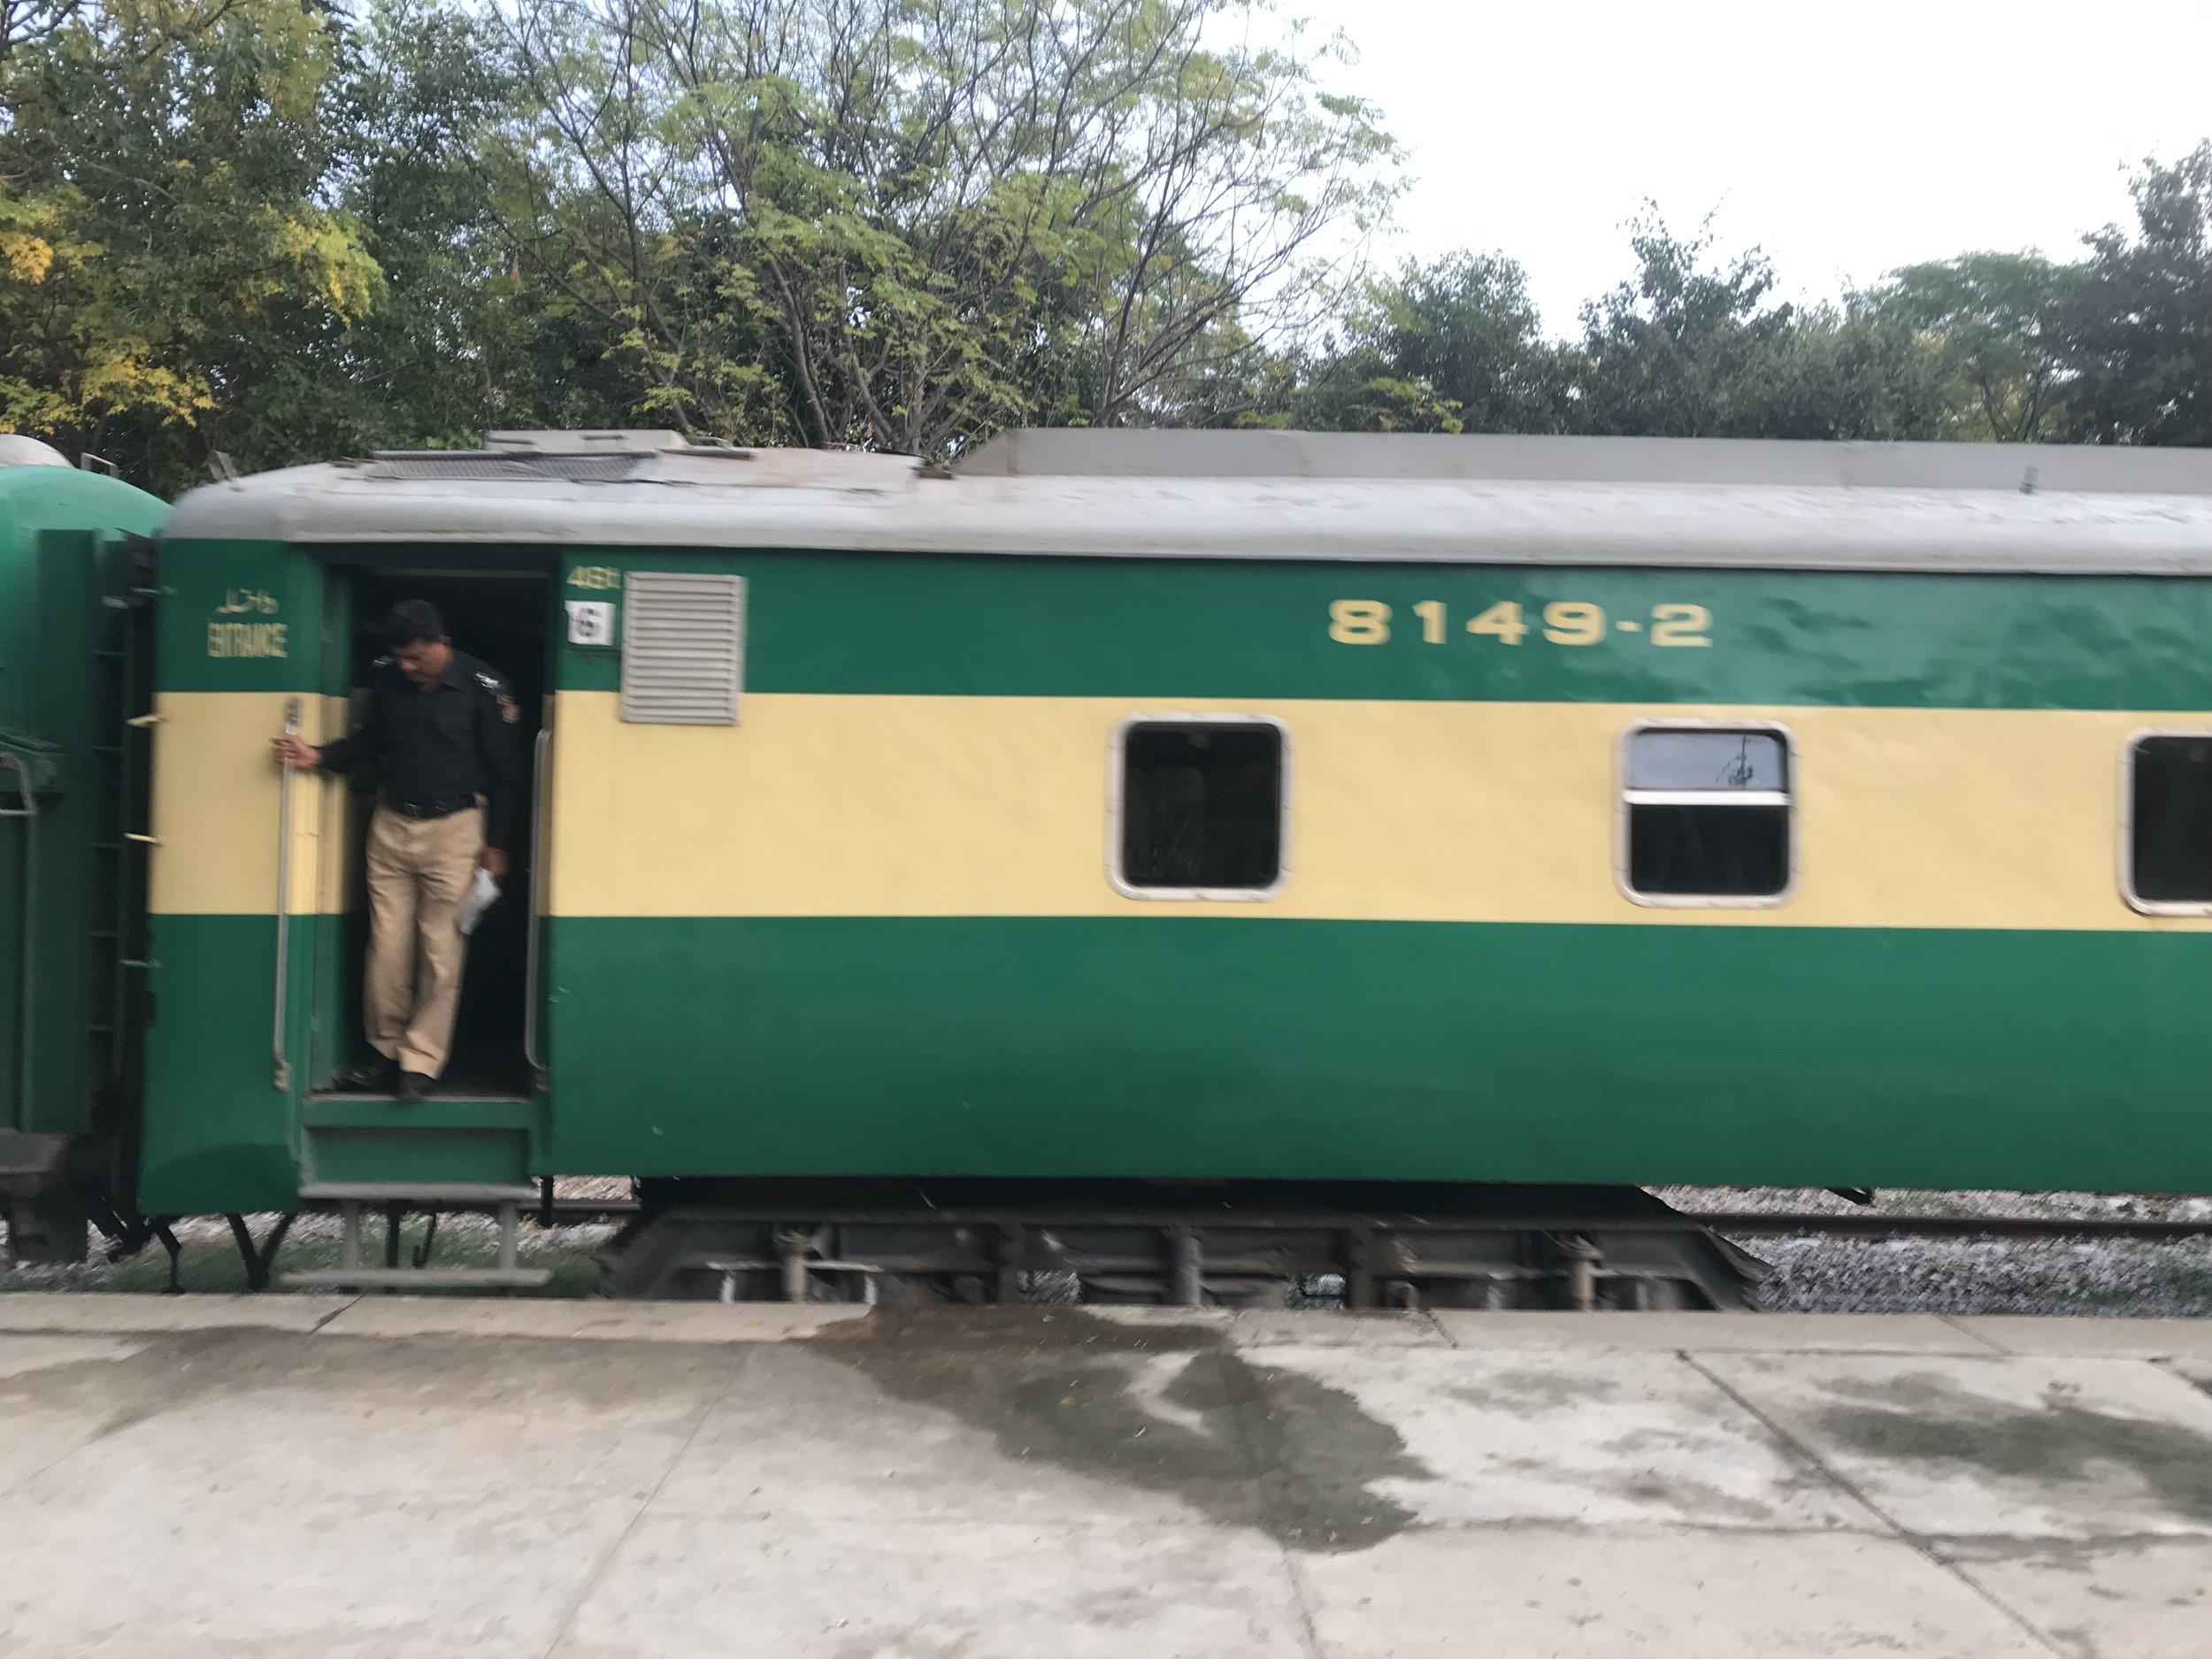 قد لا تبدو قطارات باكستان حديثة وفاخرة، ولكنها تؤدي الغرض